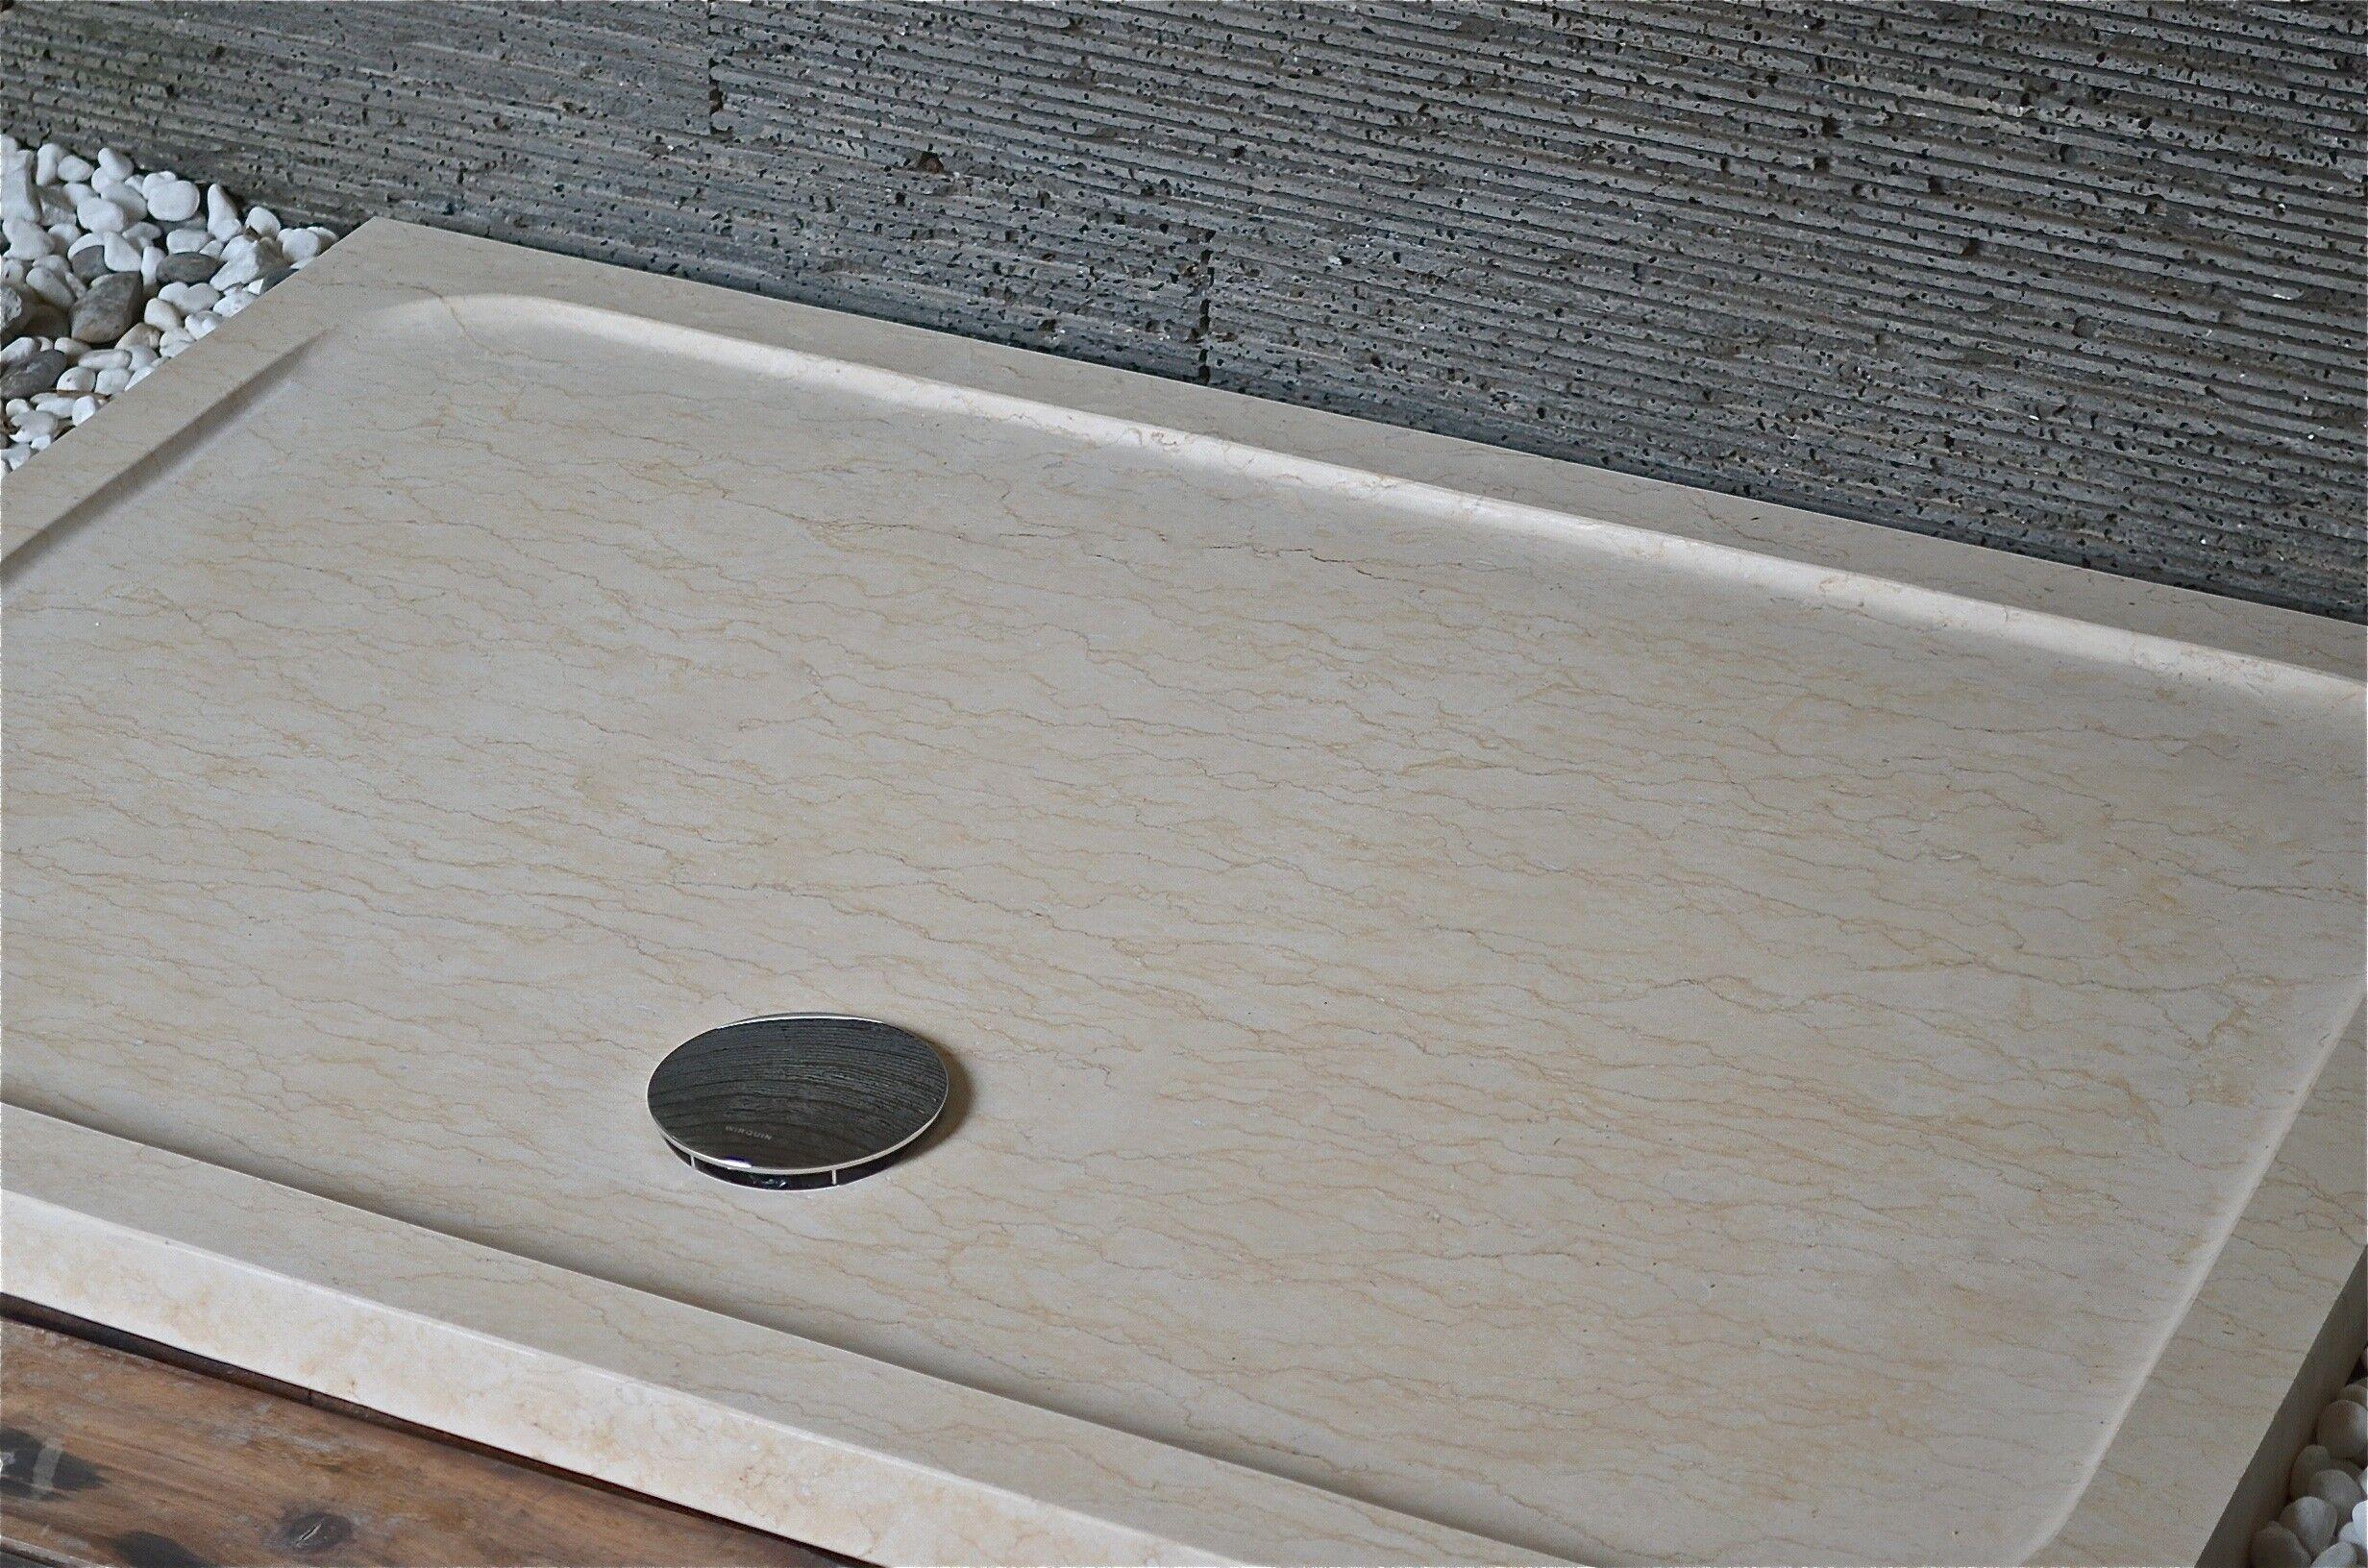 LivingRoc Receveur de douche en marbre d'Égypte 140x90 SPACIUM SUNNY